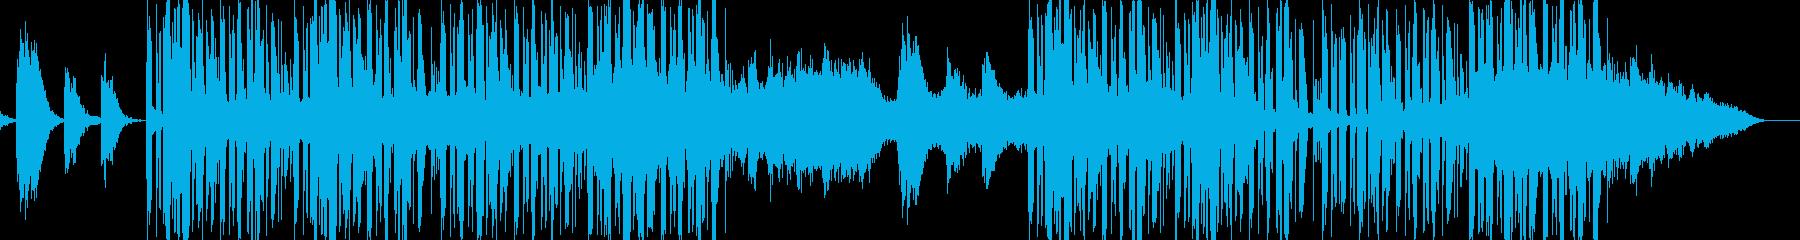 切ないピアノが特徴的なバラードの再生済みの波形